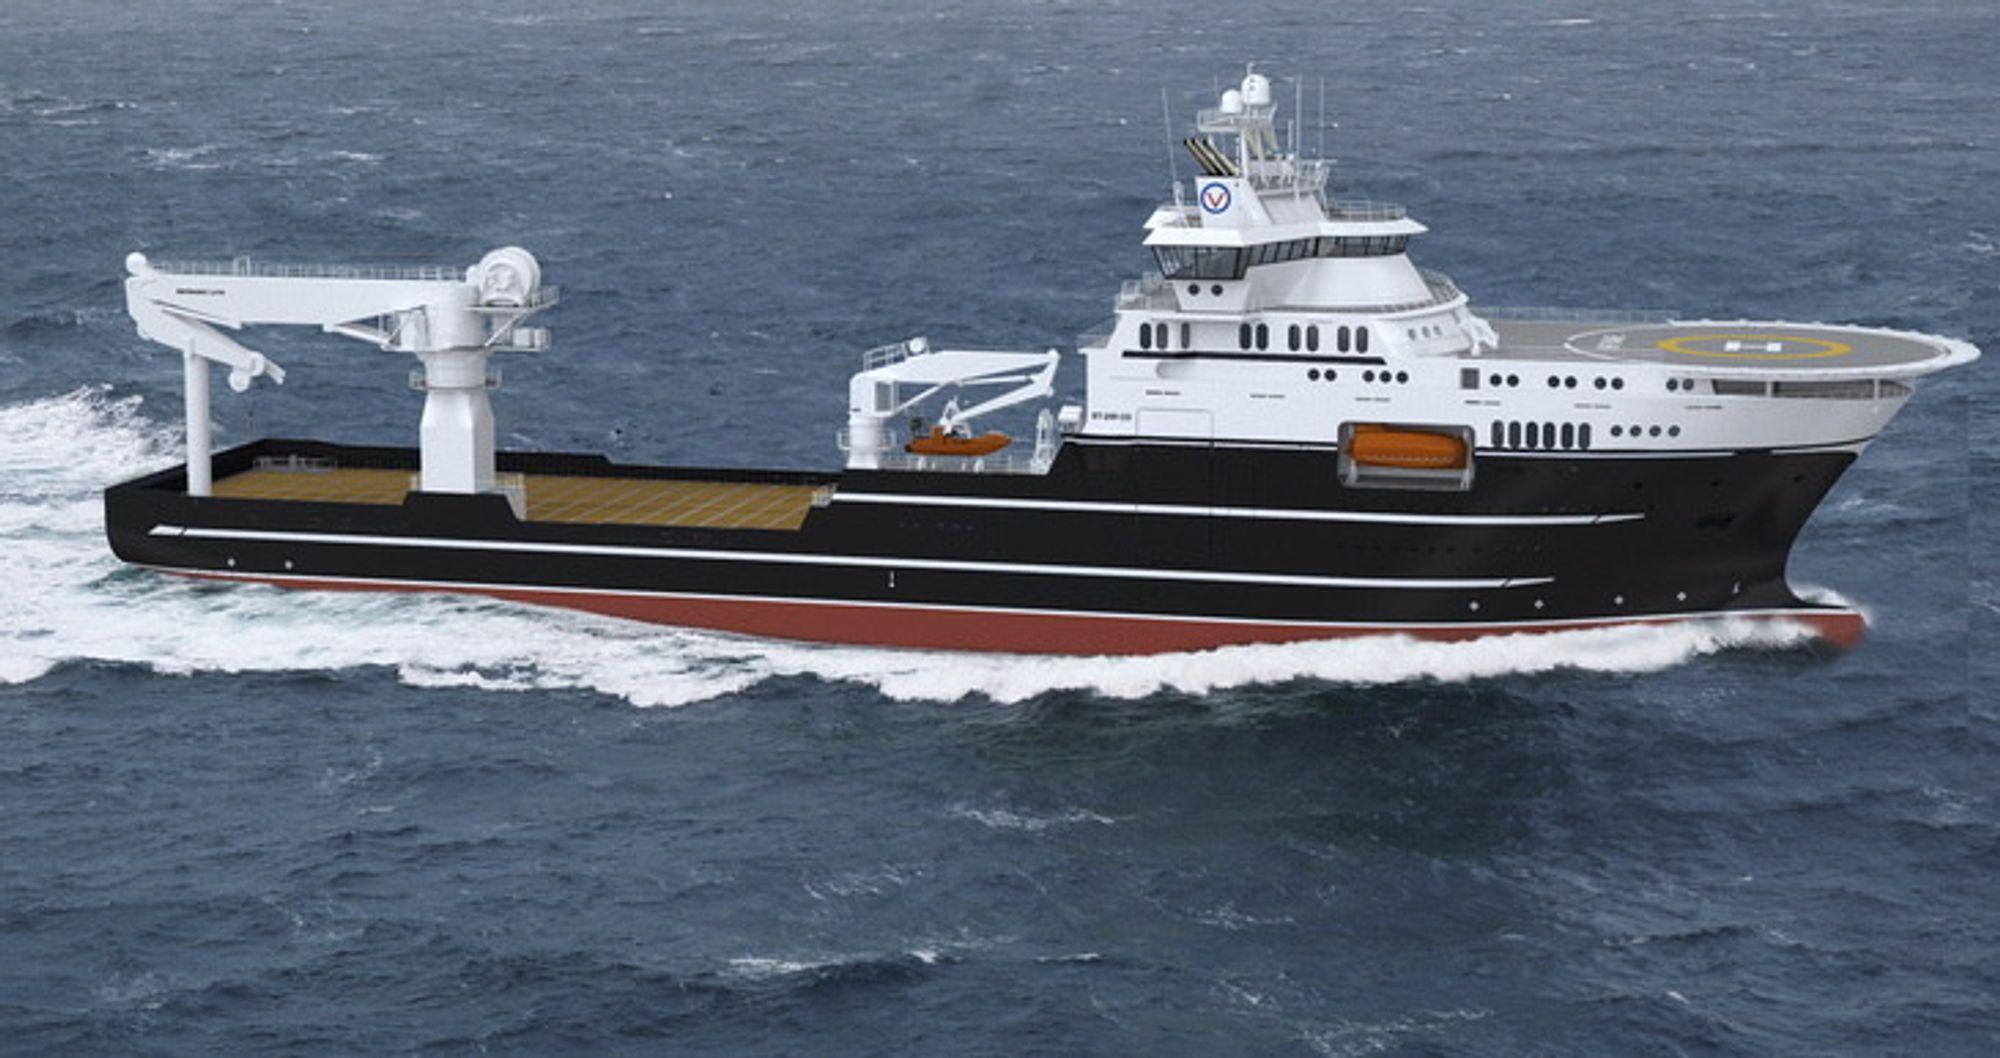 To på vei: Volstad Maritime får de to offshore konstruksjonsskipene med ST 259 COCV design levert i slutten av 2014 og begynnelsen av 2015 fra Kleven og ikke Bergen Group.